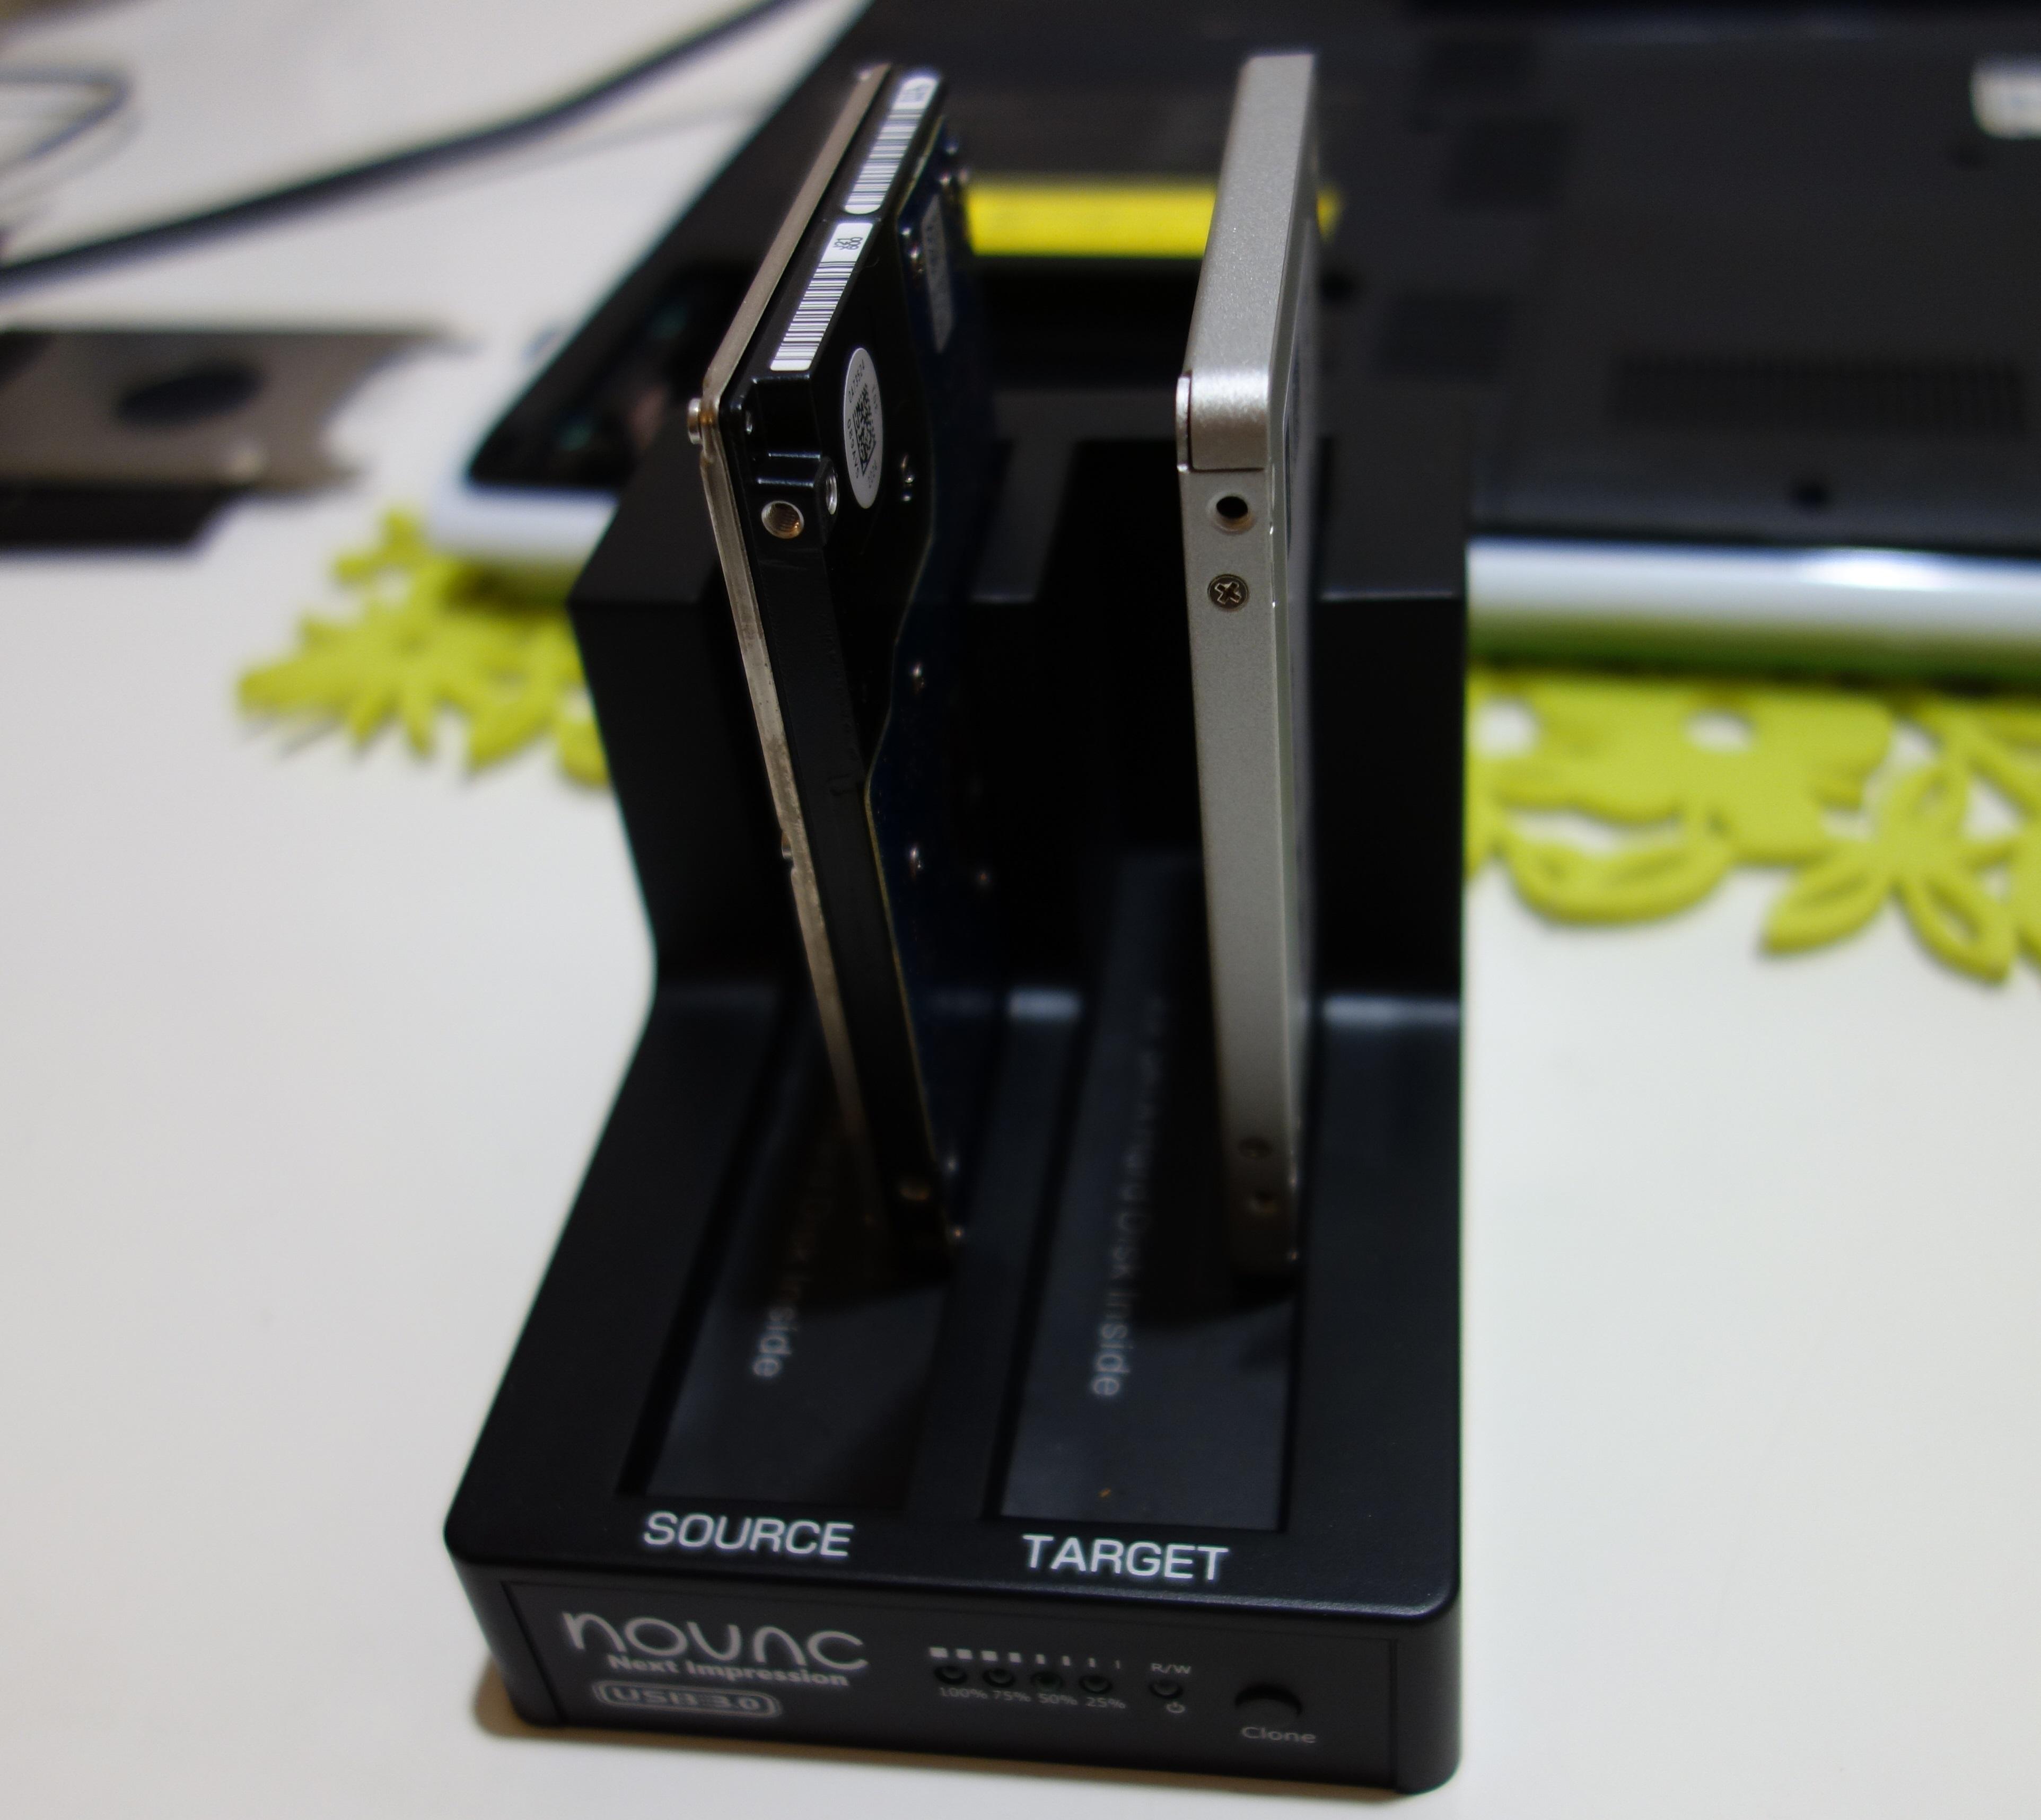 HDDからSSDに交換